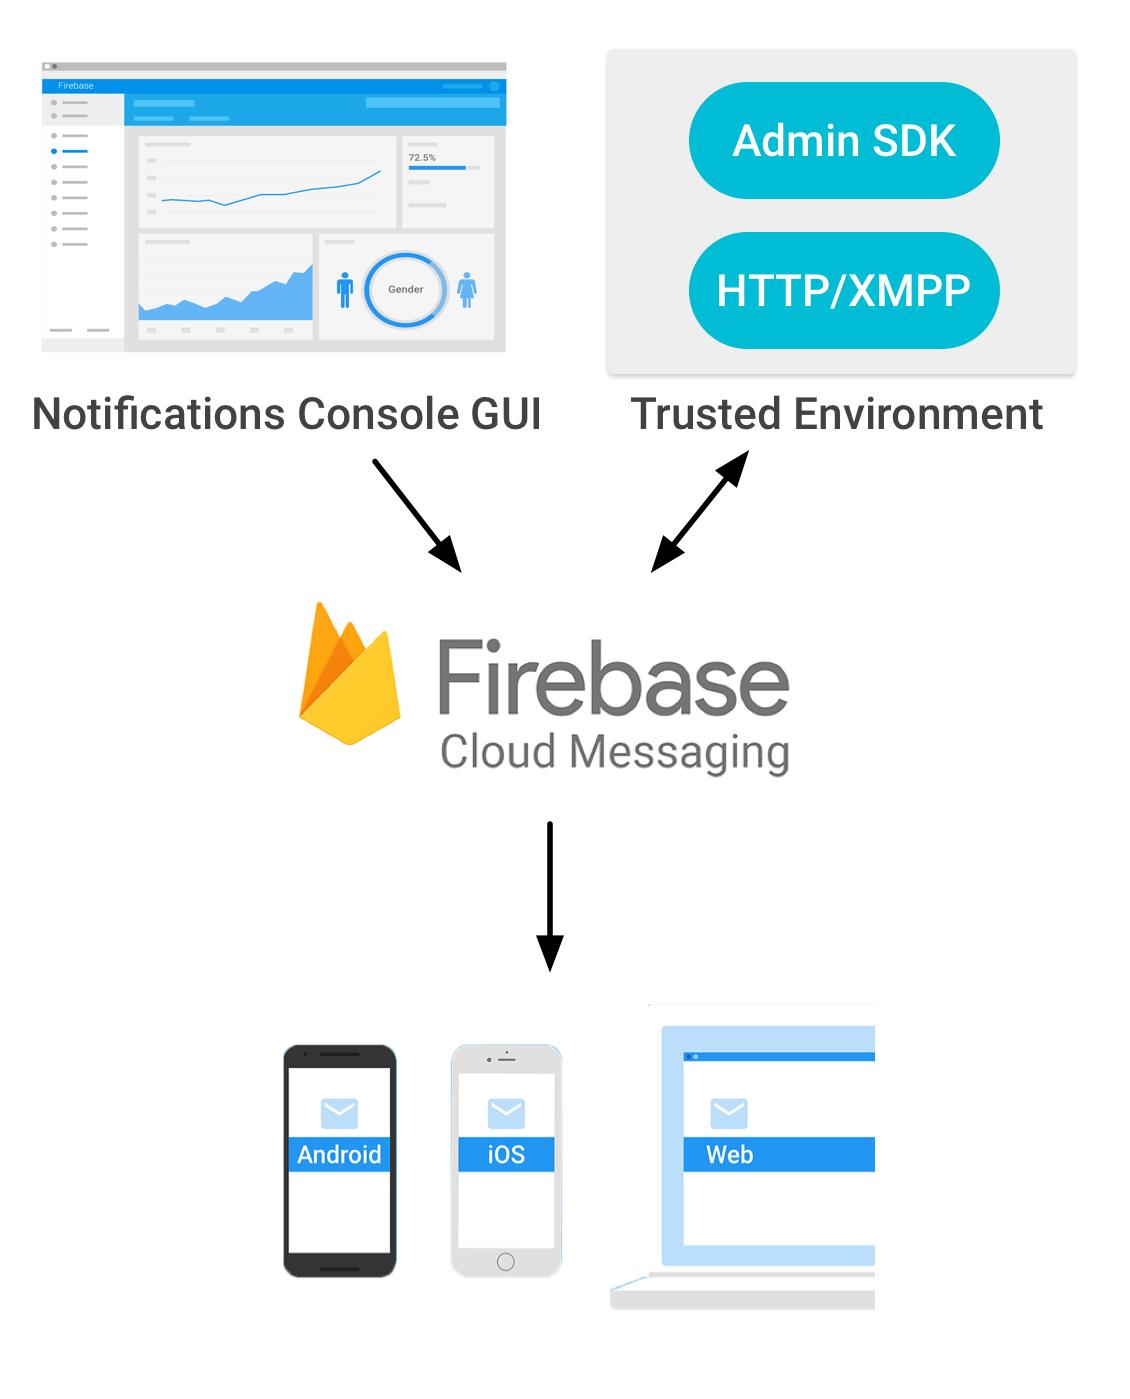 Firebase 클라우드 메시징 아키텍처 다이어그램